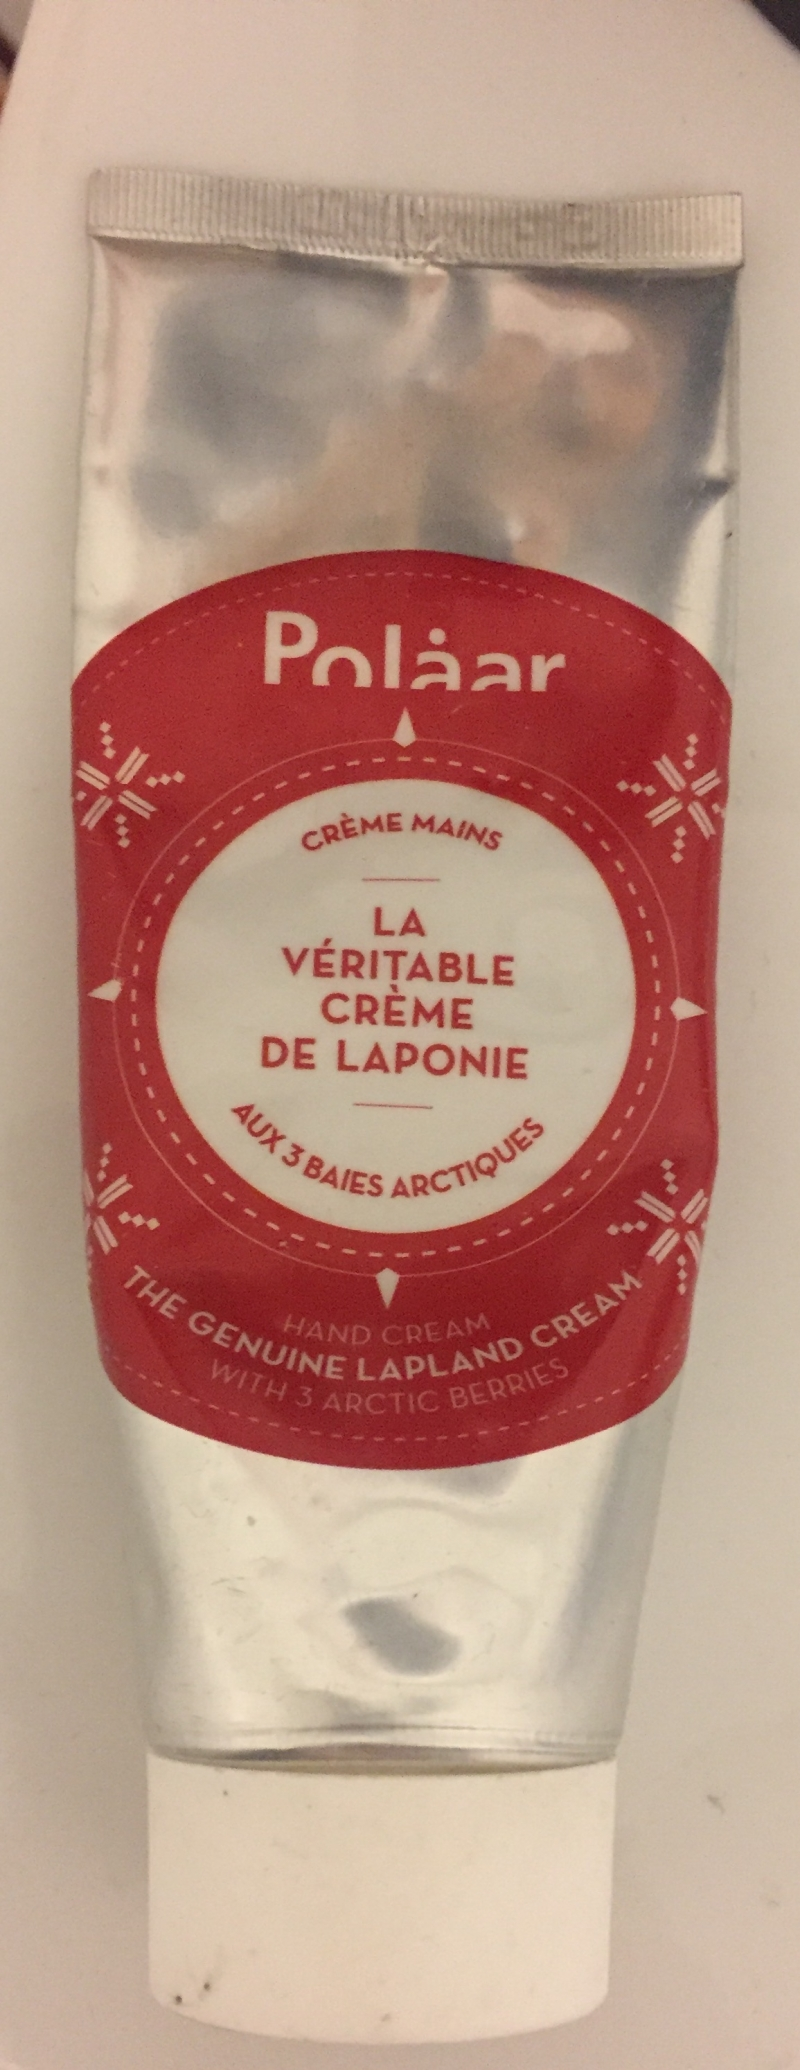 Swatch Crème Mains La Véritable Crème De Laponie, Polaar